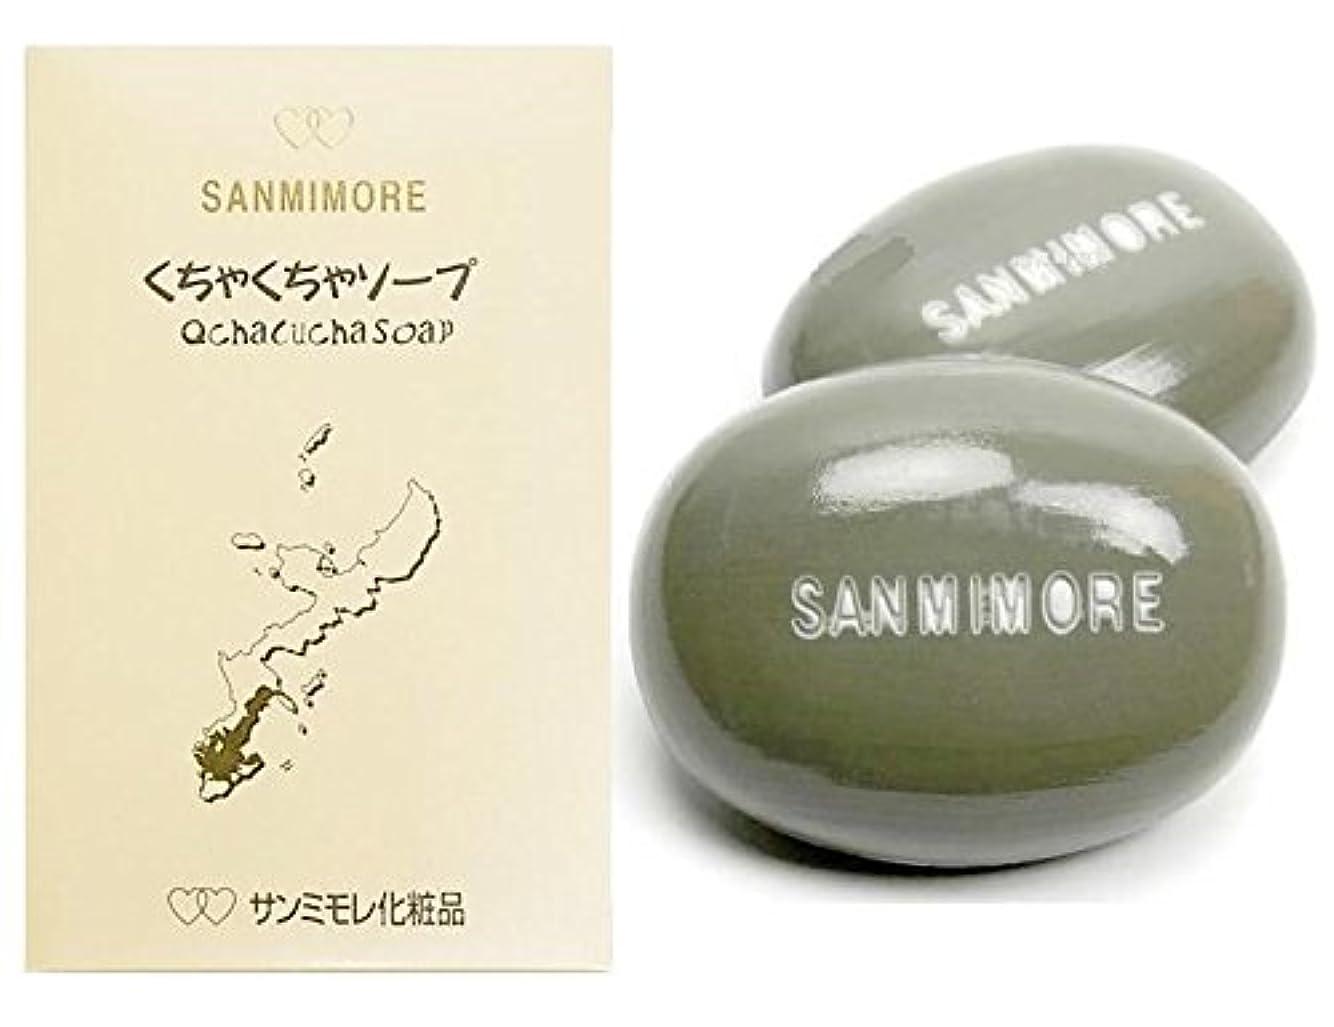 科学的貞刃SANMIMORE(サンミモレ化粧品) くちゃくちゃソープ75g×2個 サンミモレ ベール専用石鹸